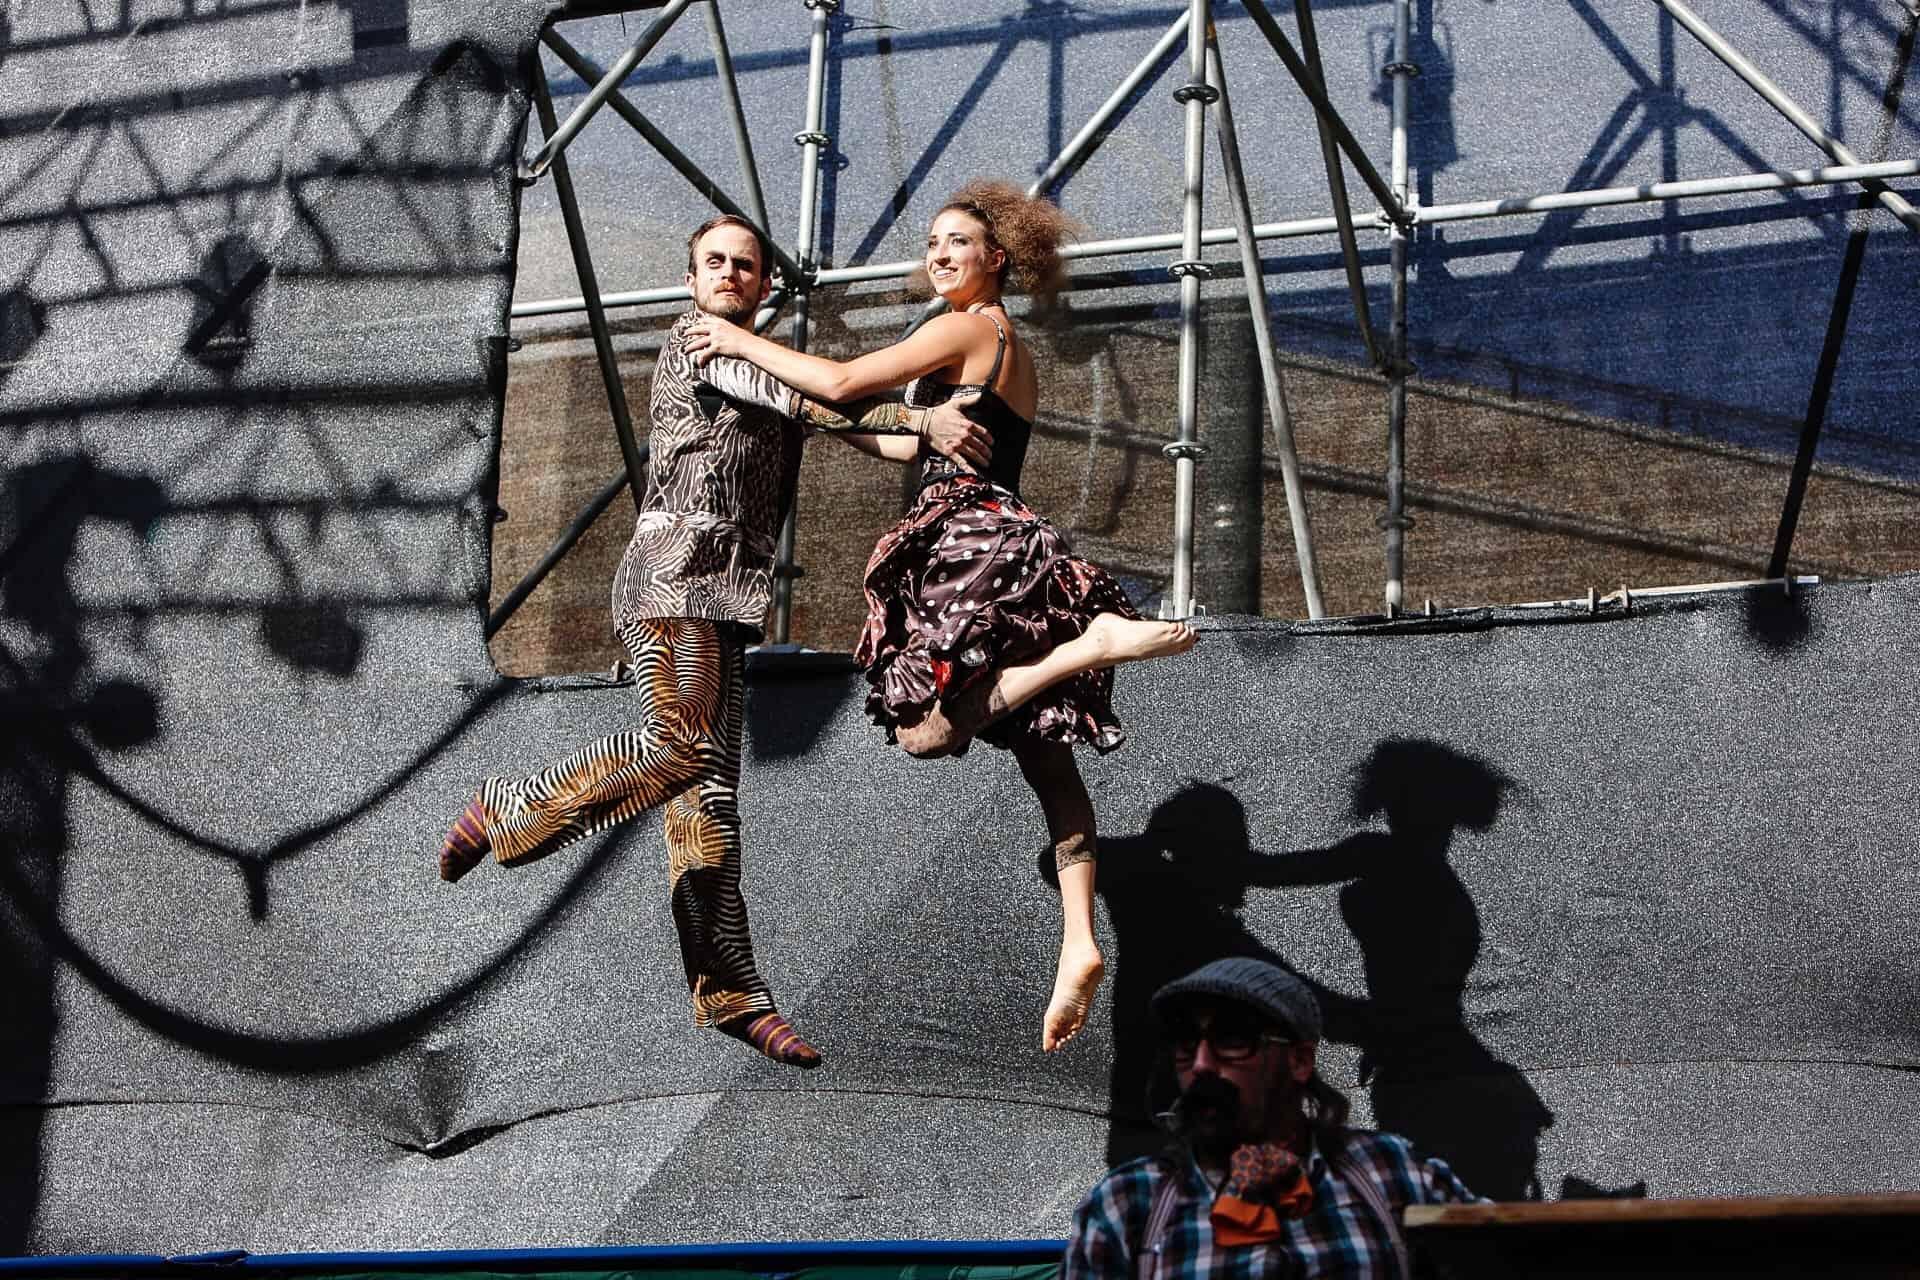 קרקס לה פוטיקה - כיכר ציון - במסגרת פסטיבל ישראל - צלם גיא יחיאלי